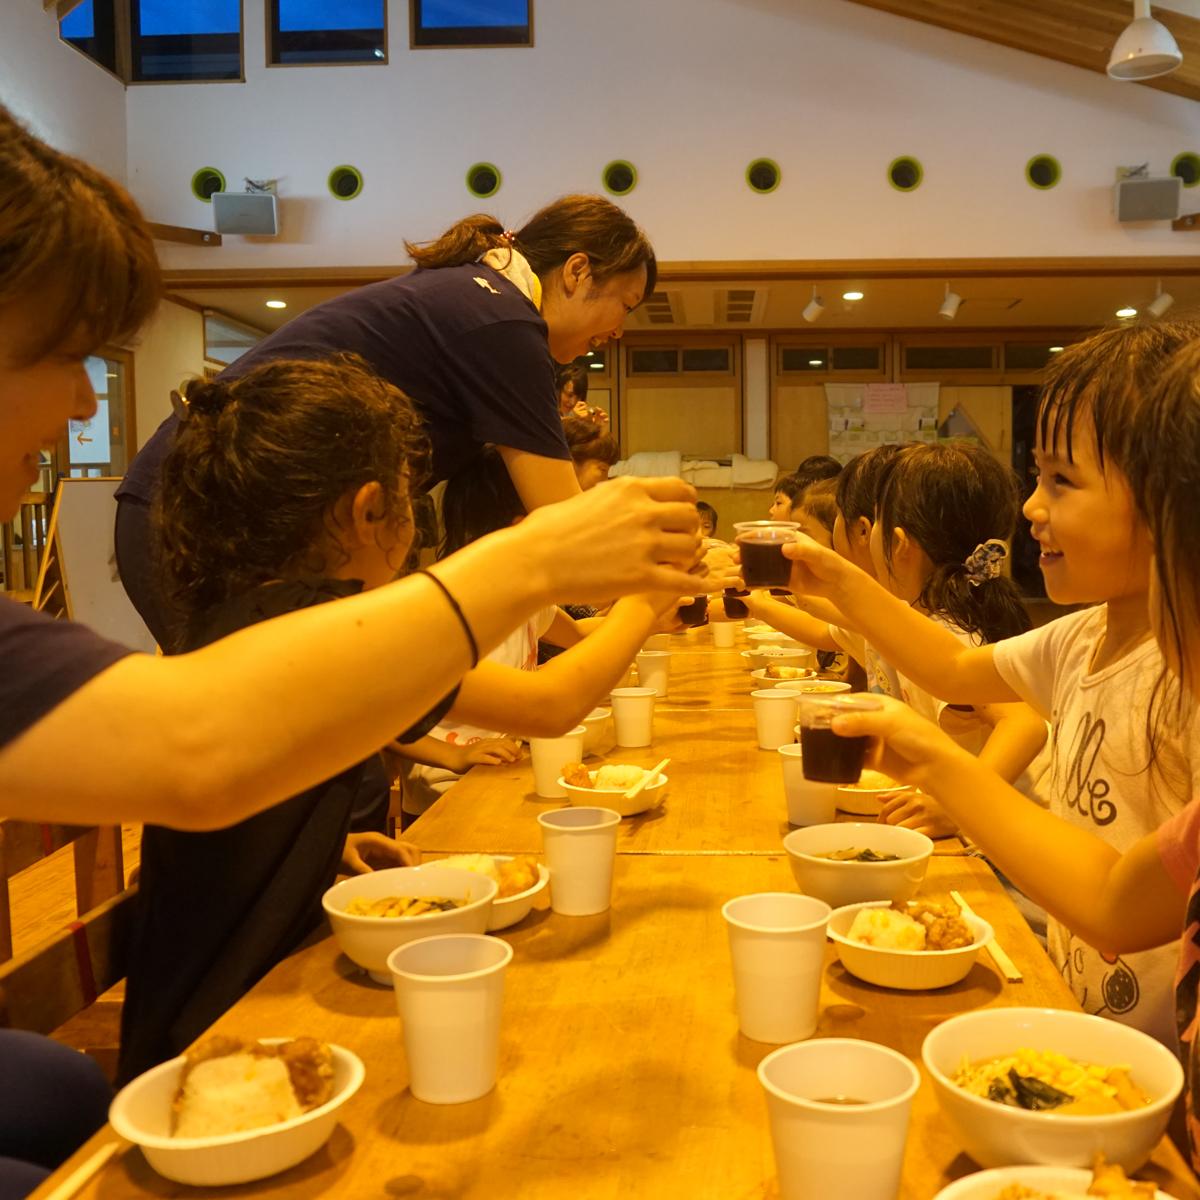 所沢市のあかね保育園のお泊まり合宿の夕食の画像